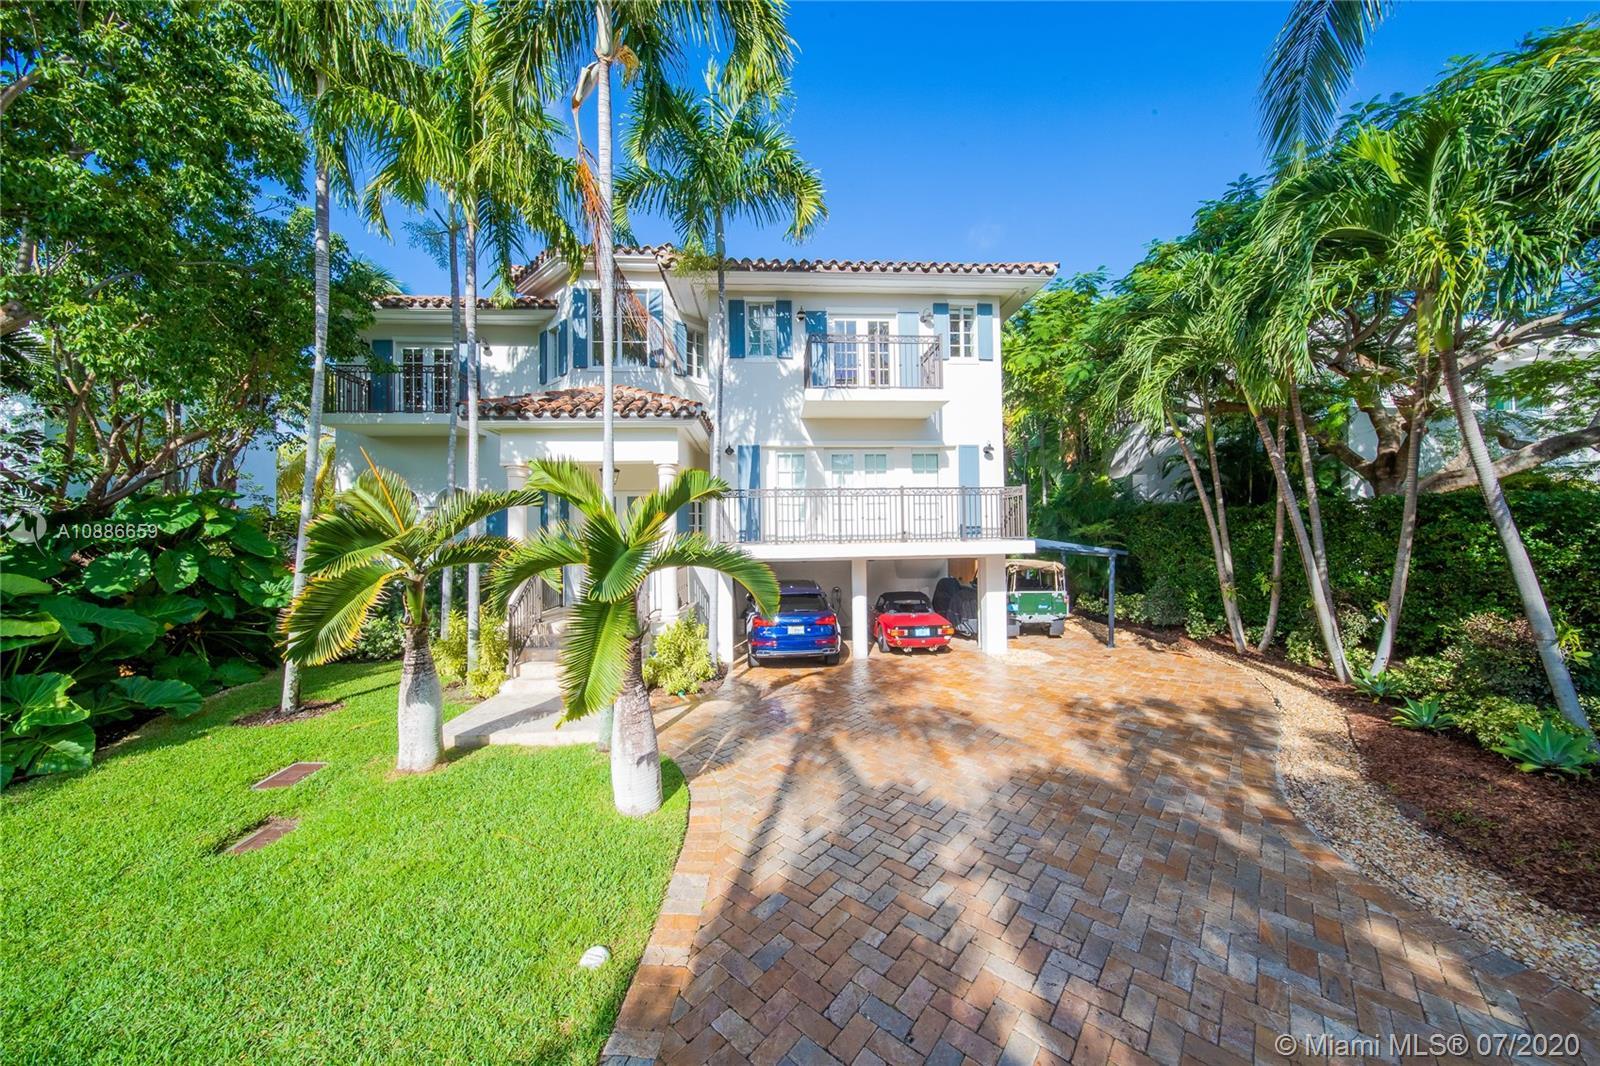 Tropical Isle Homes - 420 Palmwood Ln, Key Biscayne, FL 33149